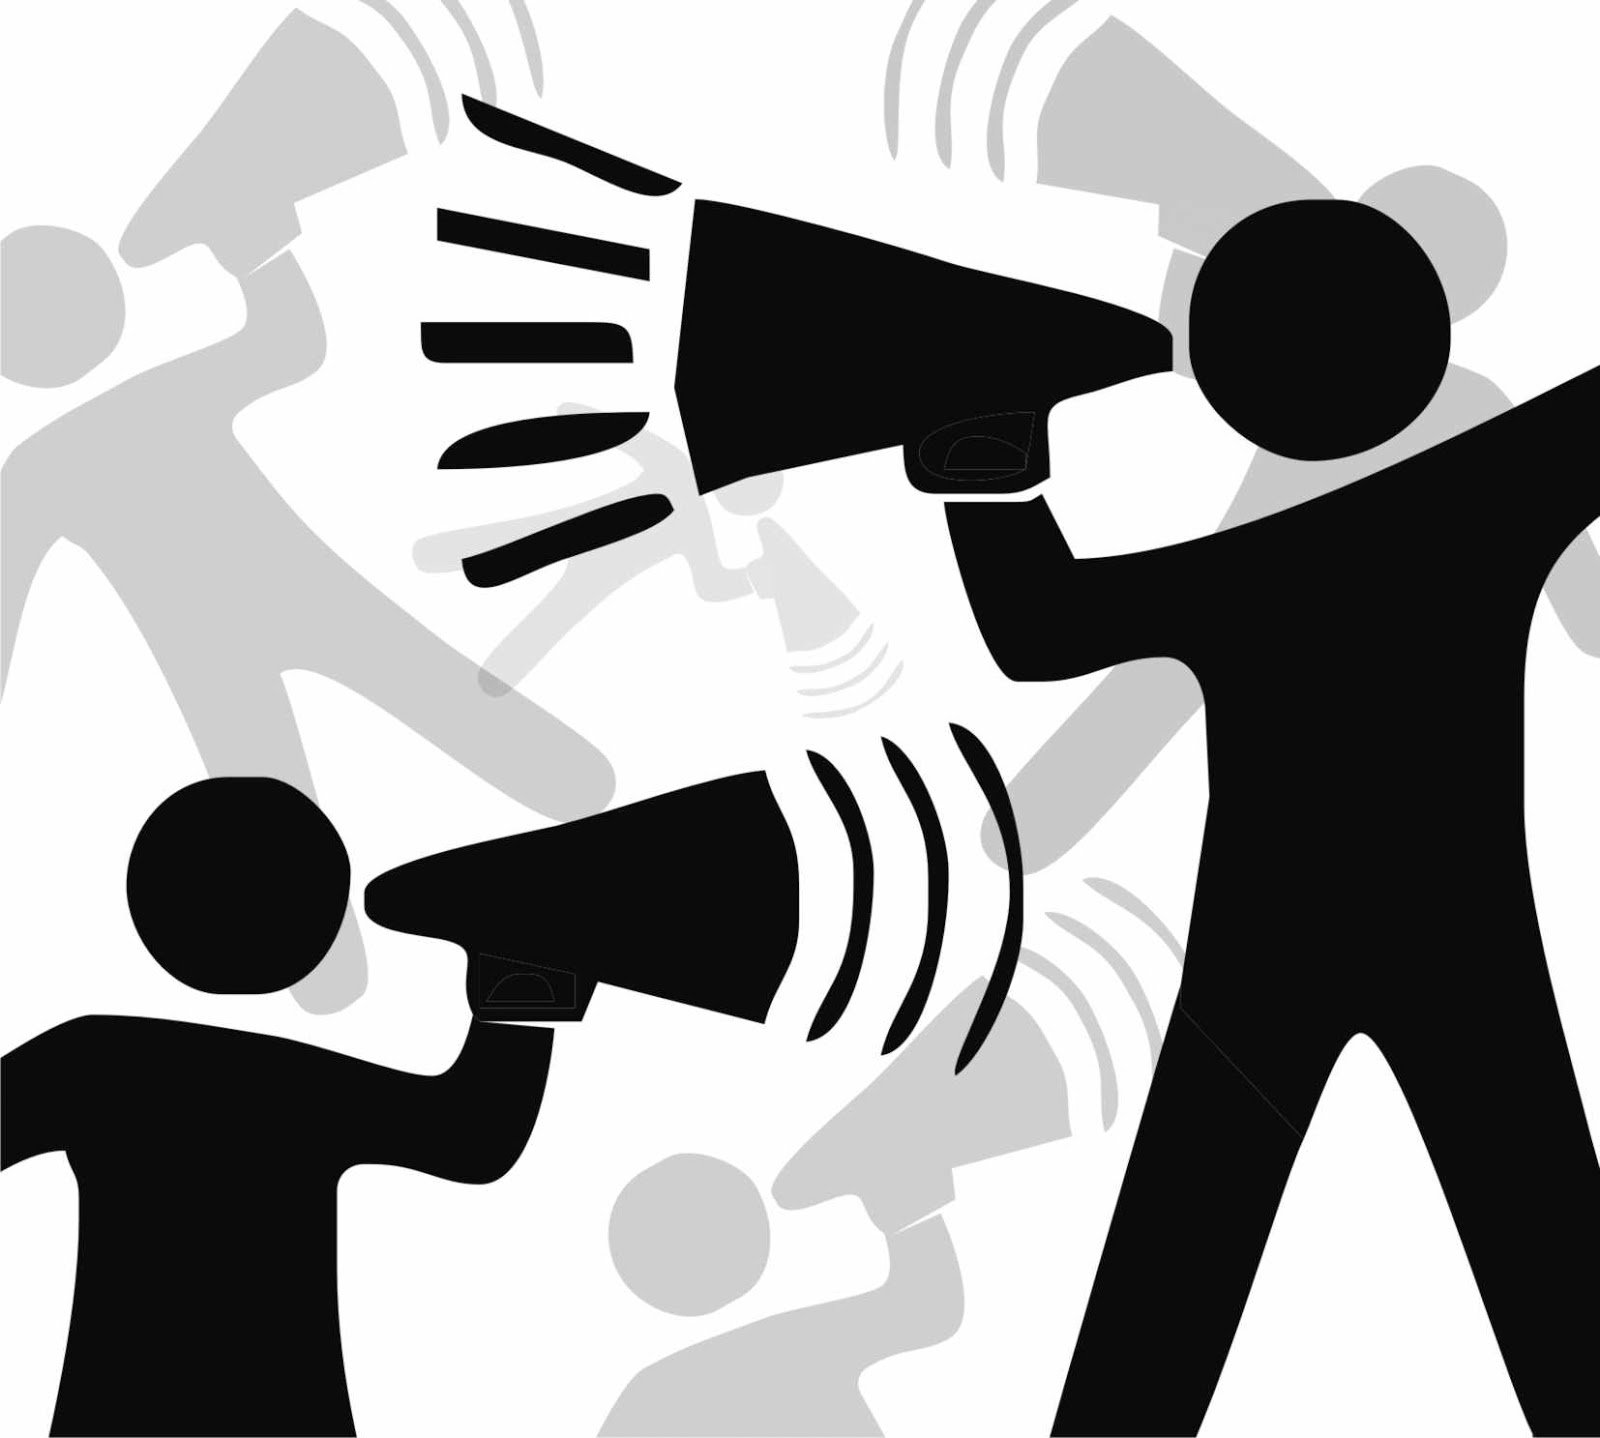 Perkembangan Pers di Indonesia yang Semakin Aktif dan Kritis